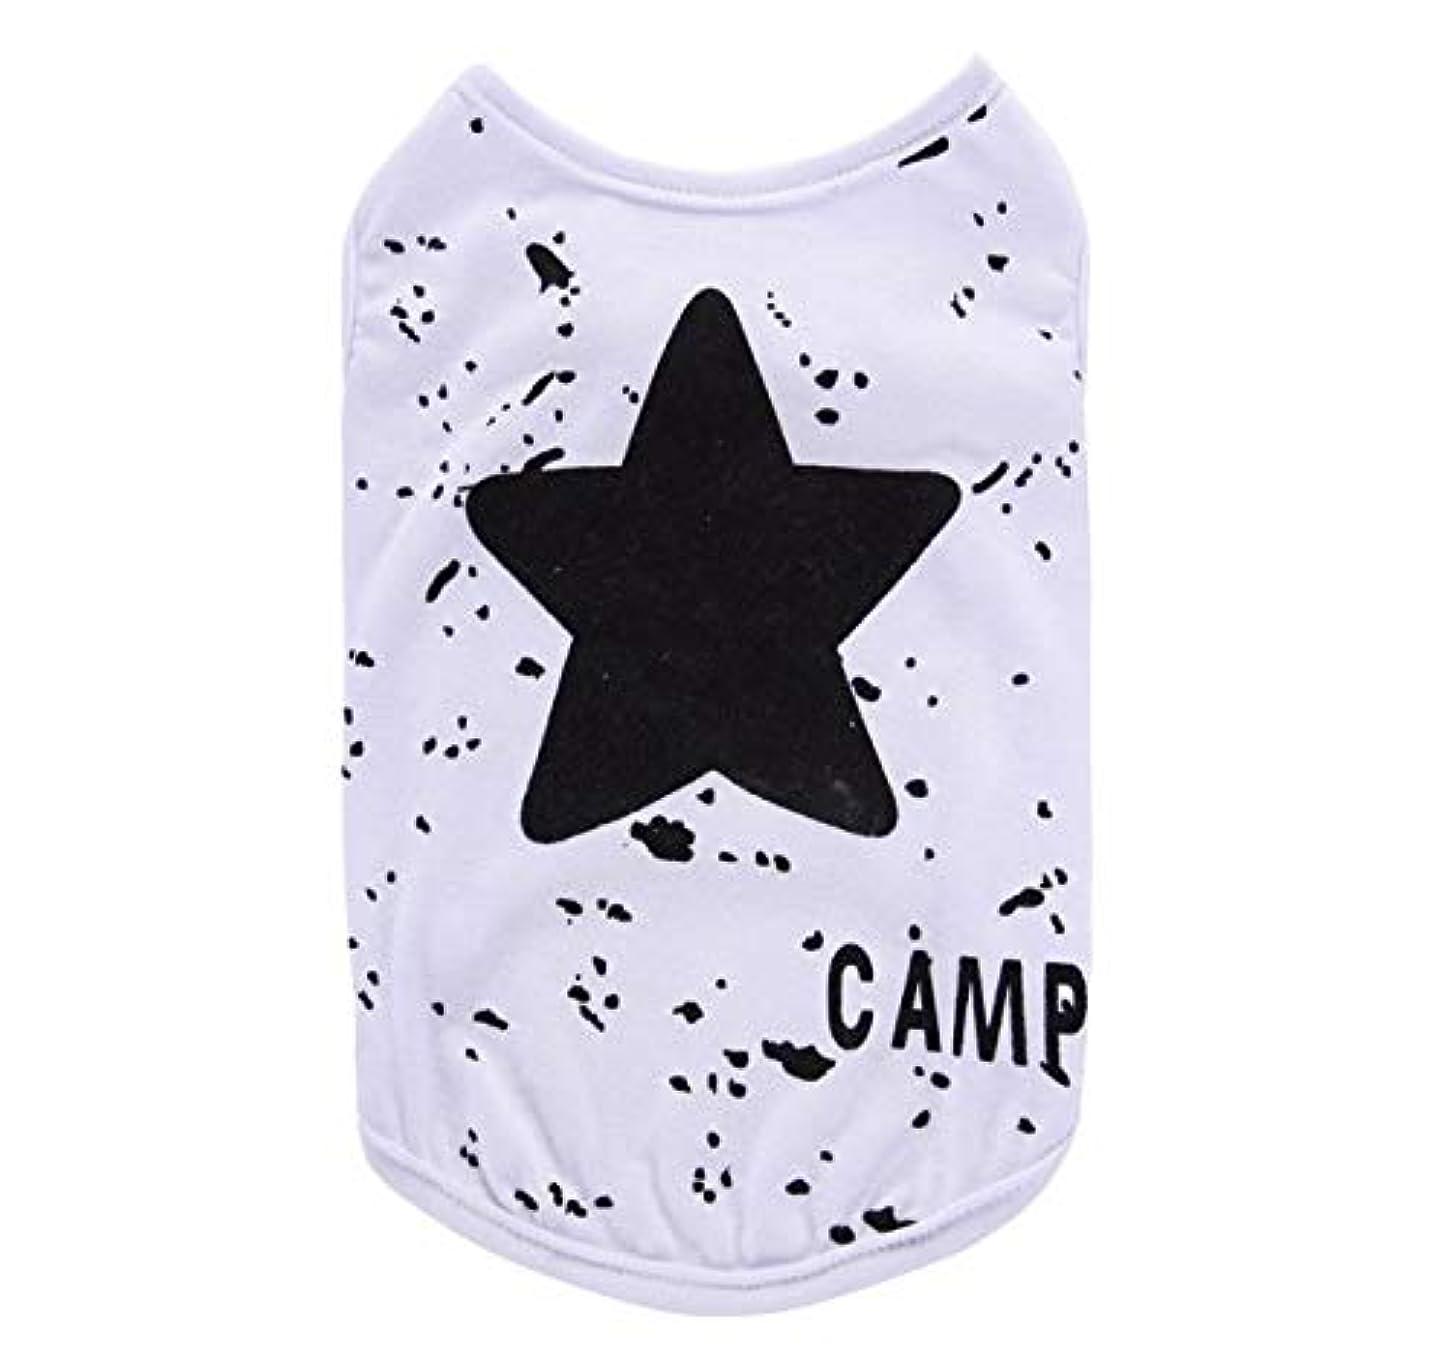 摘む不名誉なコードレスShiMin ペットの猫犬の服、春と夏の通気性の快適な服、黒い星グラフィティペットベスト (Size : XL)